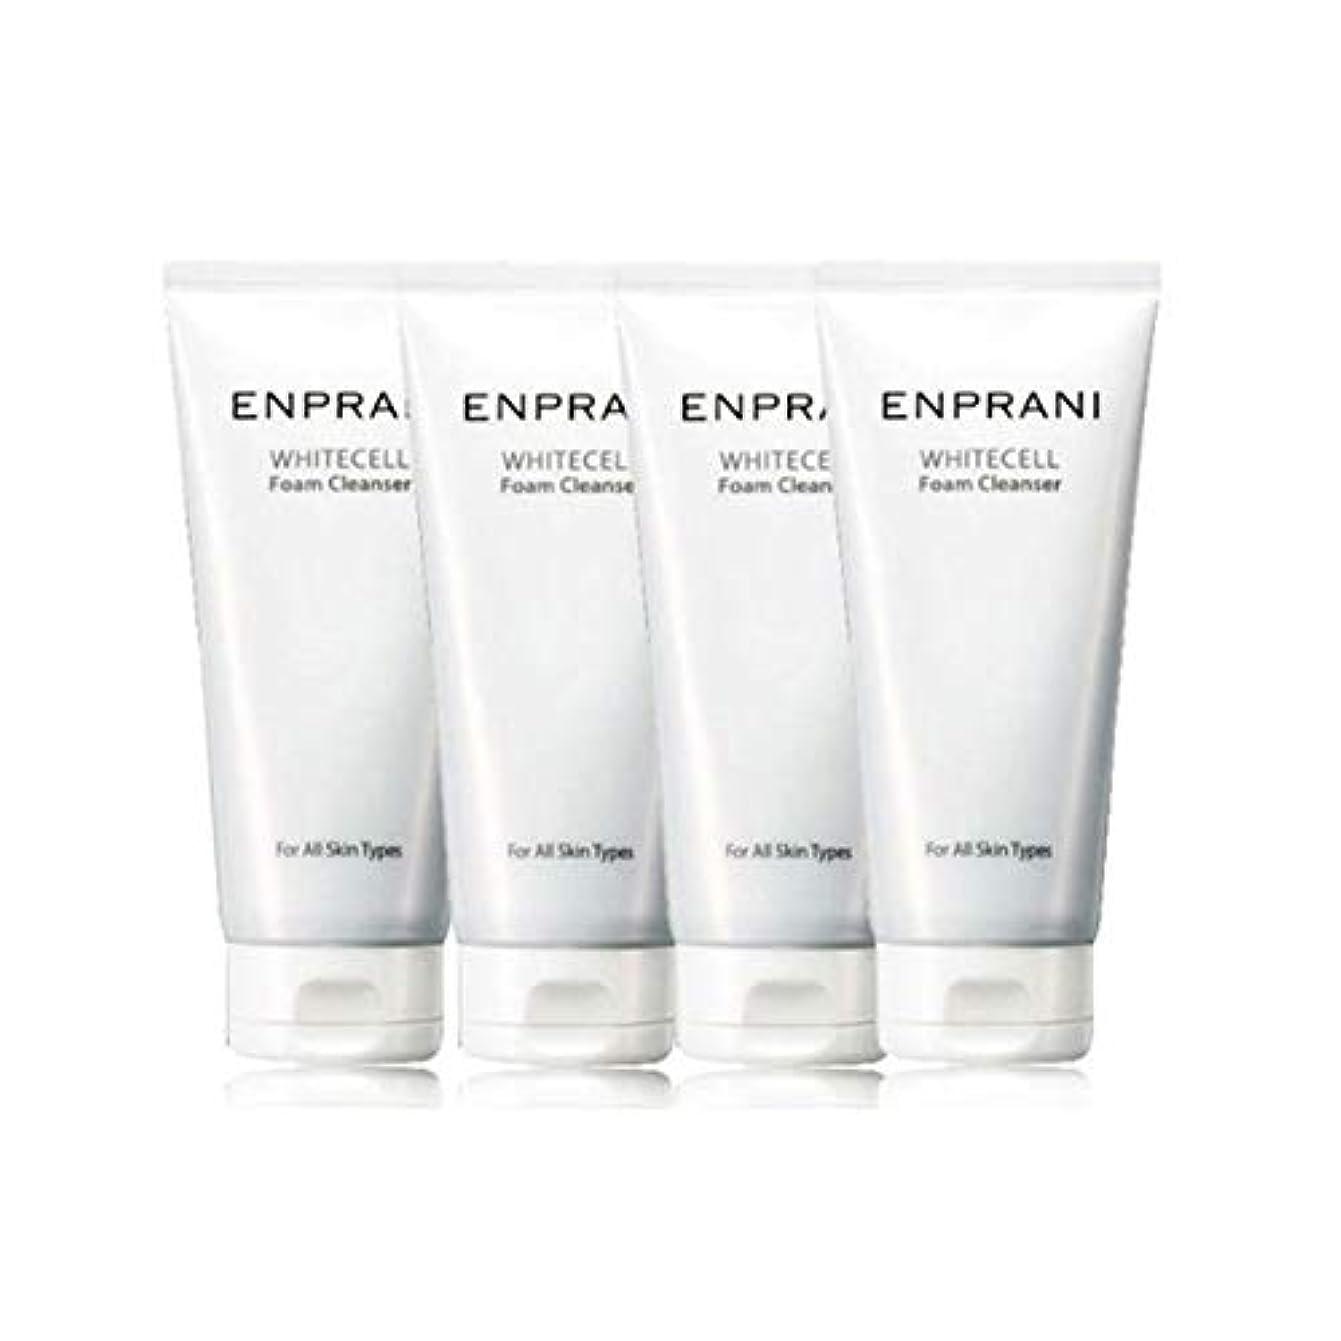 免疫アヒルワイドエンプラニホワイトセル、フォームクレンザー100mlx 4本セット毛穴洗浄 皮膚管理、Enprani White Cell Foam Cleanser 100mlx 4ea Set Pore Cleaning Skin...